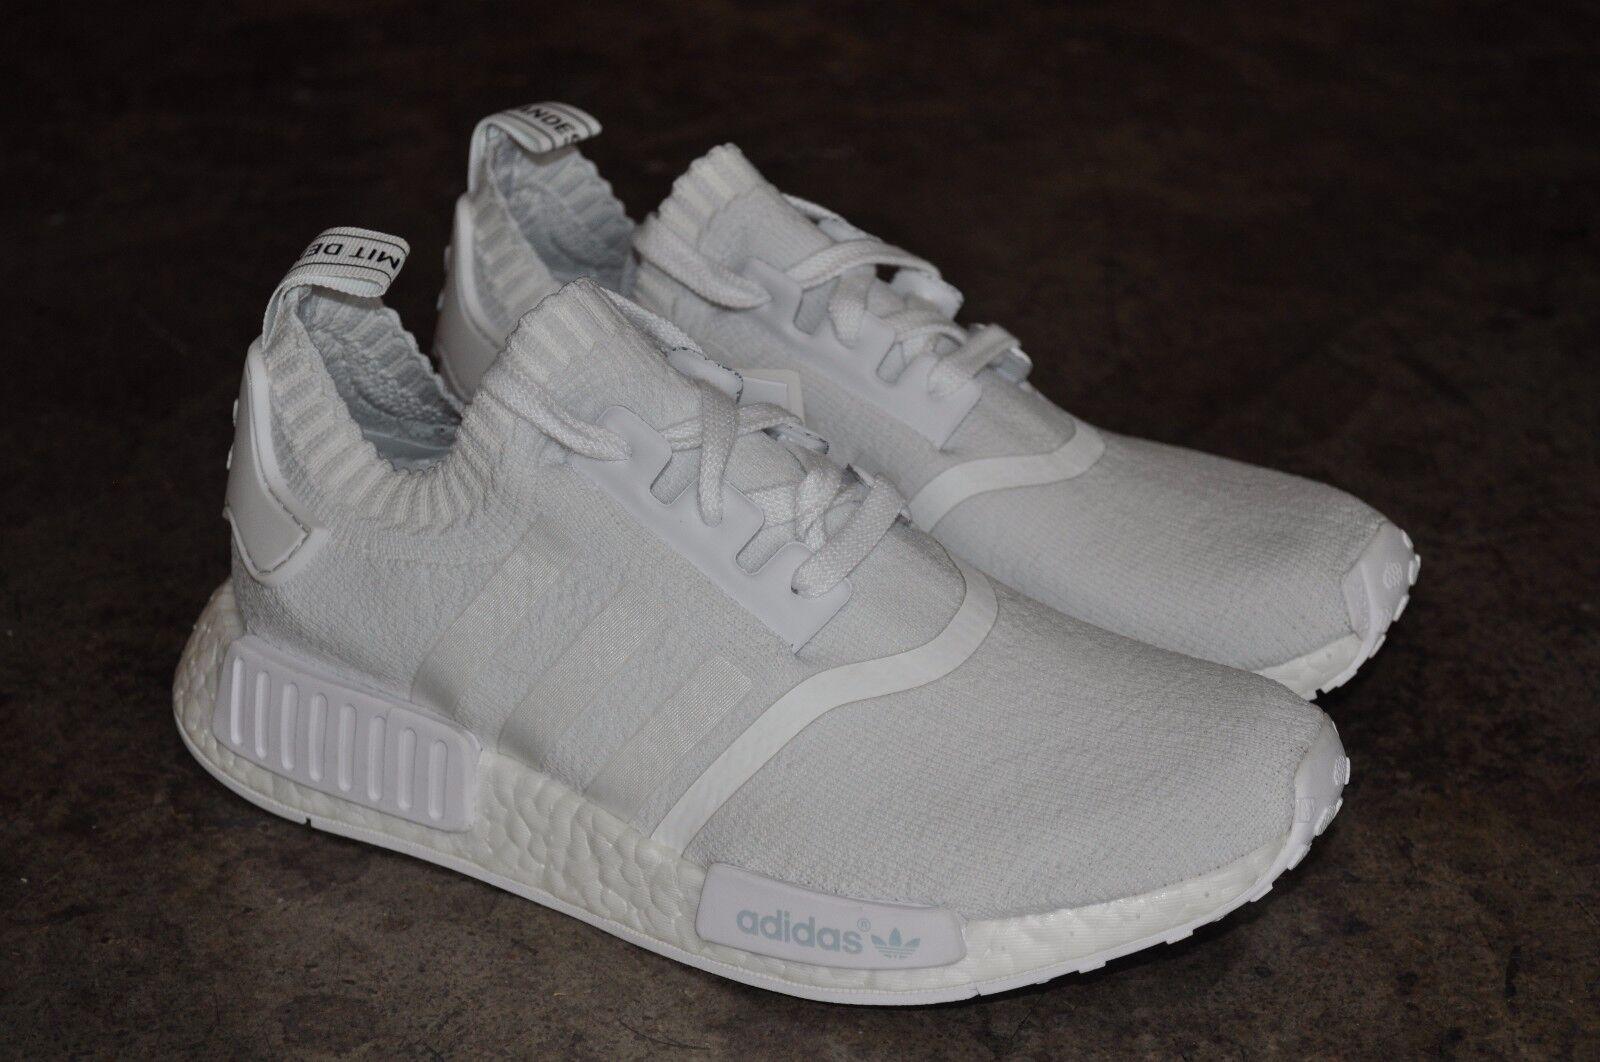 Adidas Adidas Adidas NMD R1 Primeknit  PK Monochrome Pack  Bianco-Bianco Triple Bianco 217e14